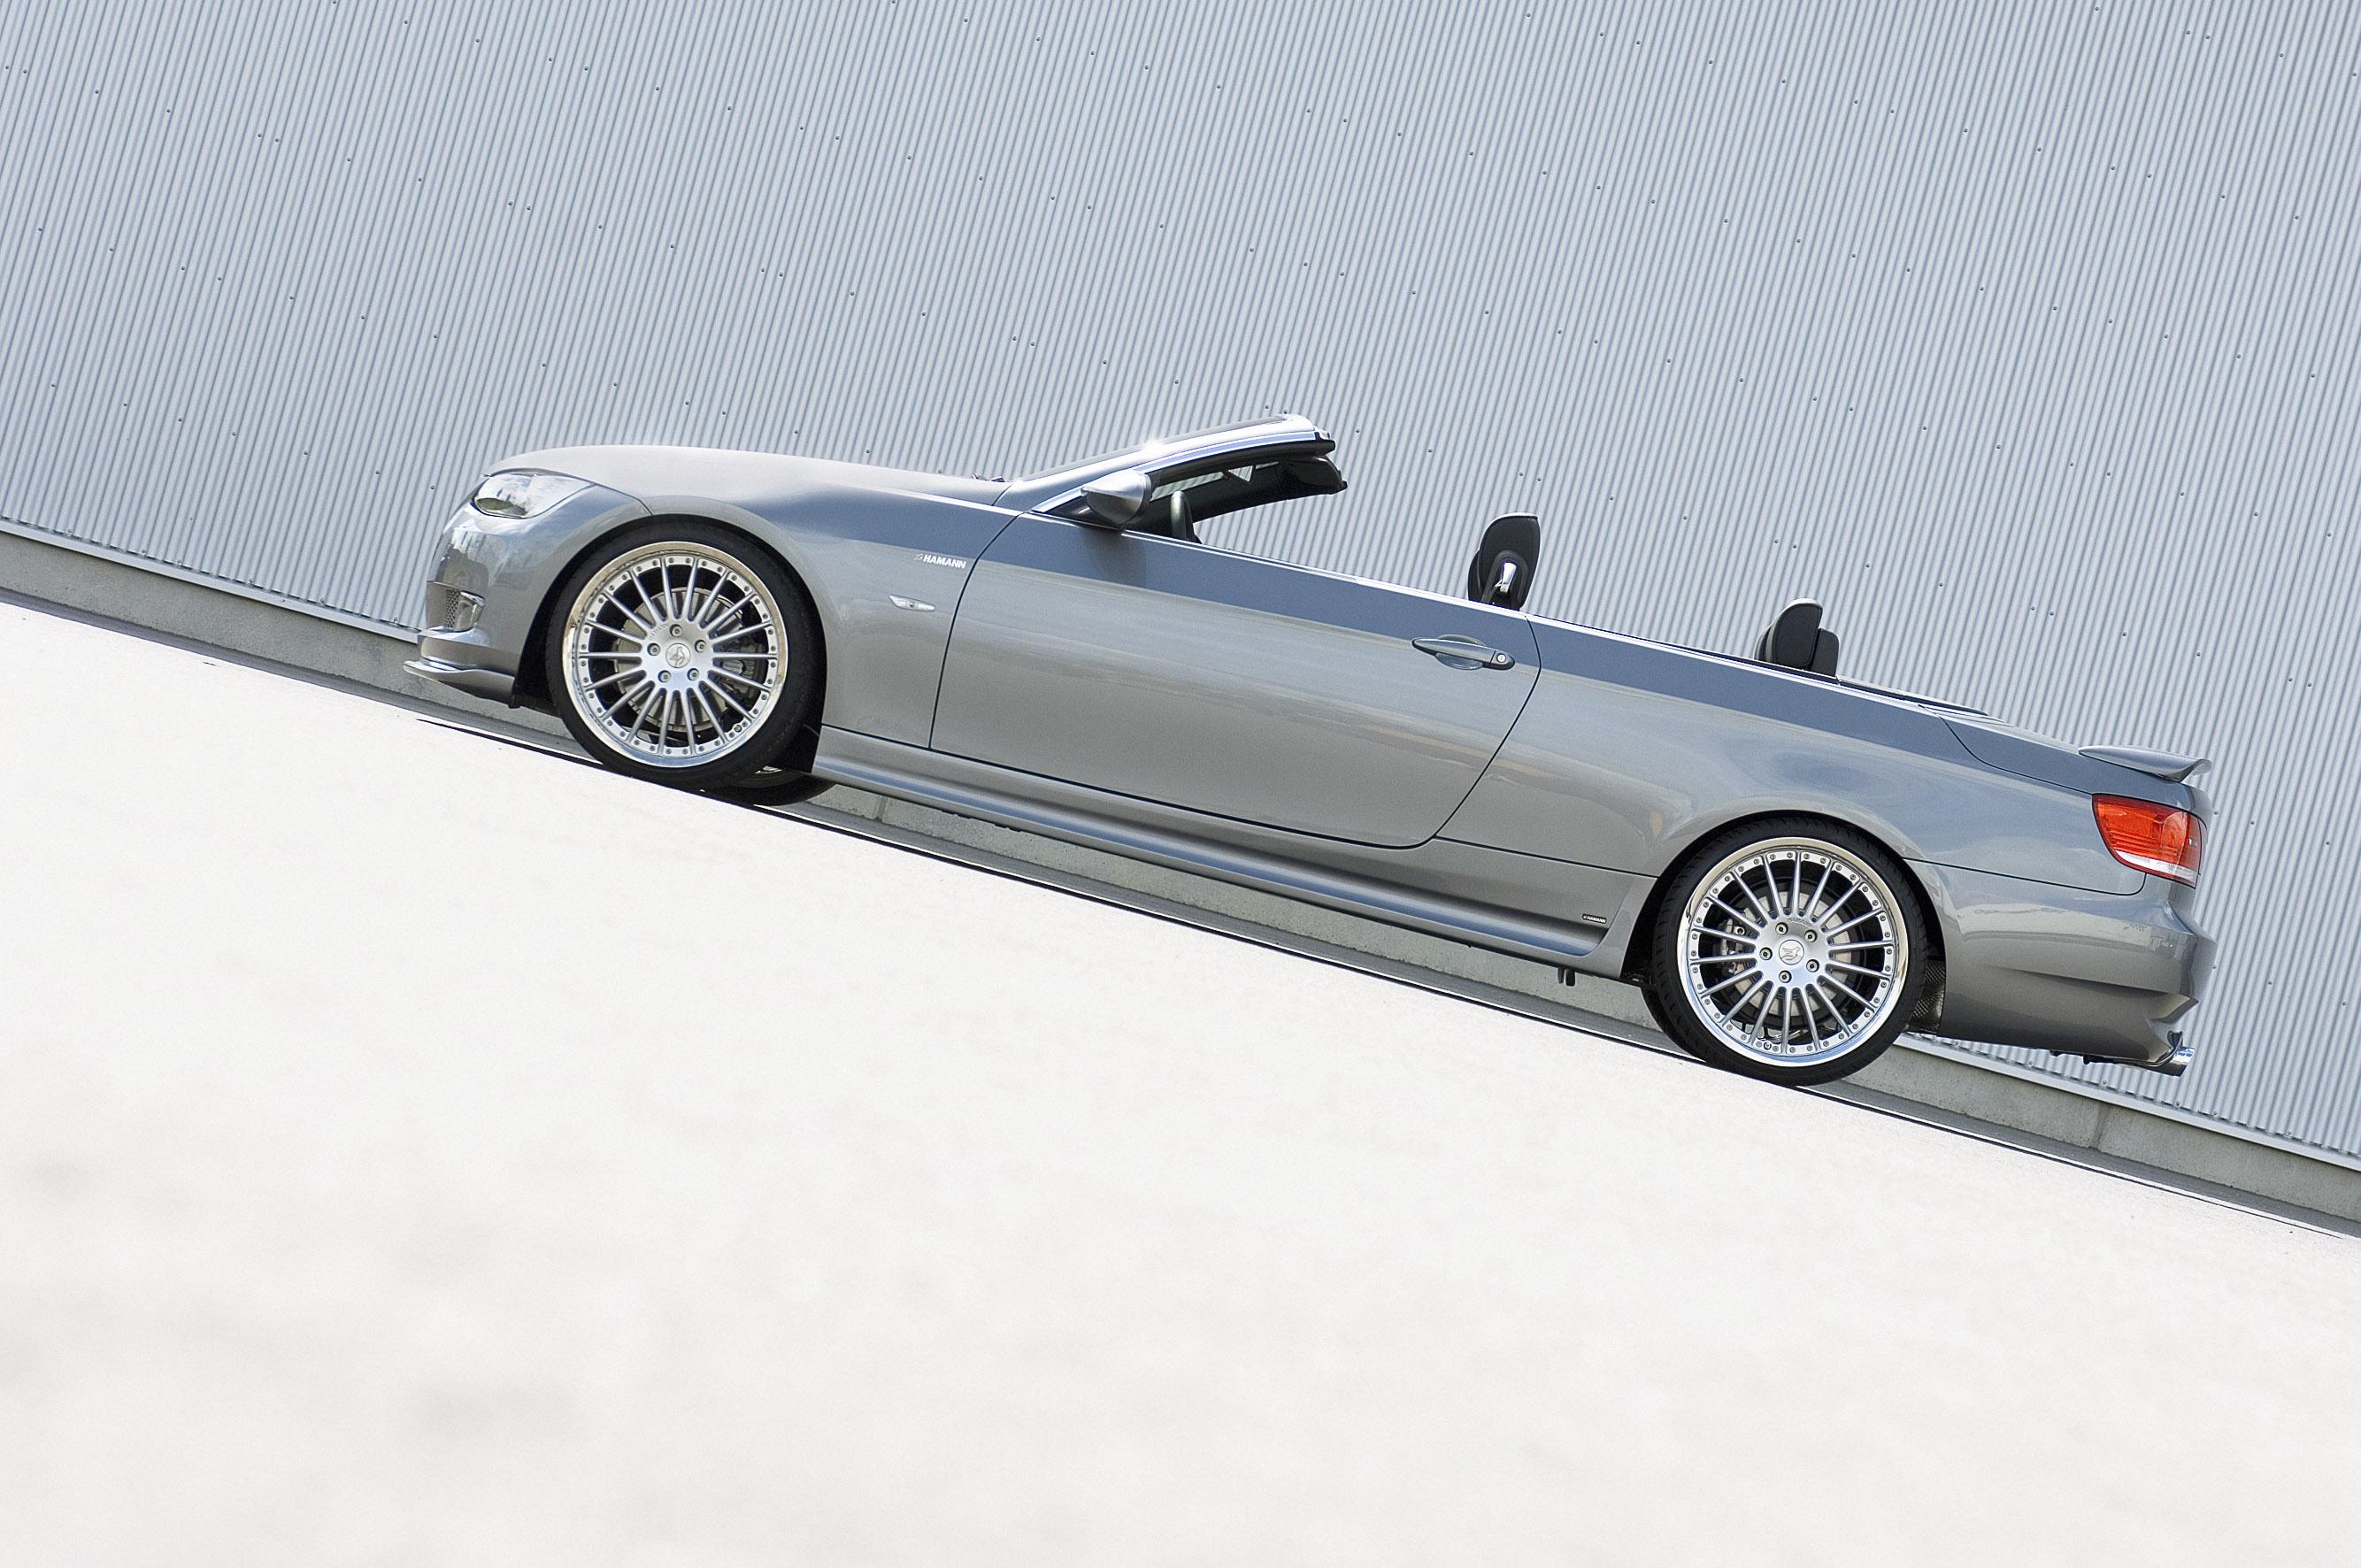 Hamann BMW 3er серии Cabrio - фотография №12